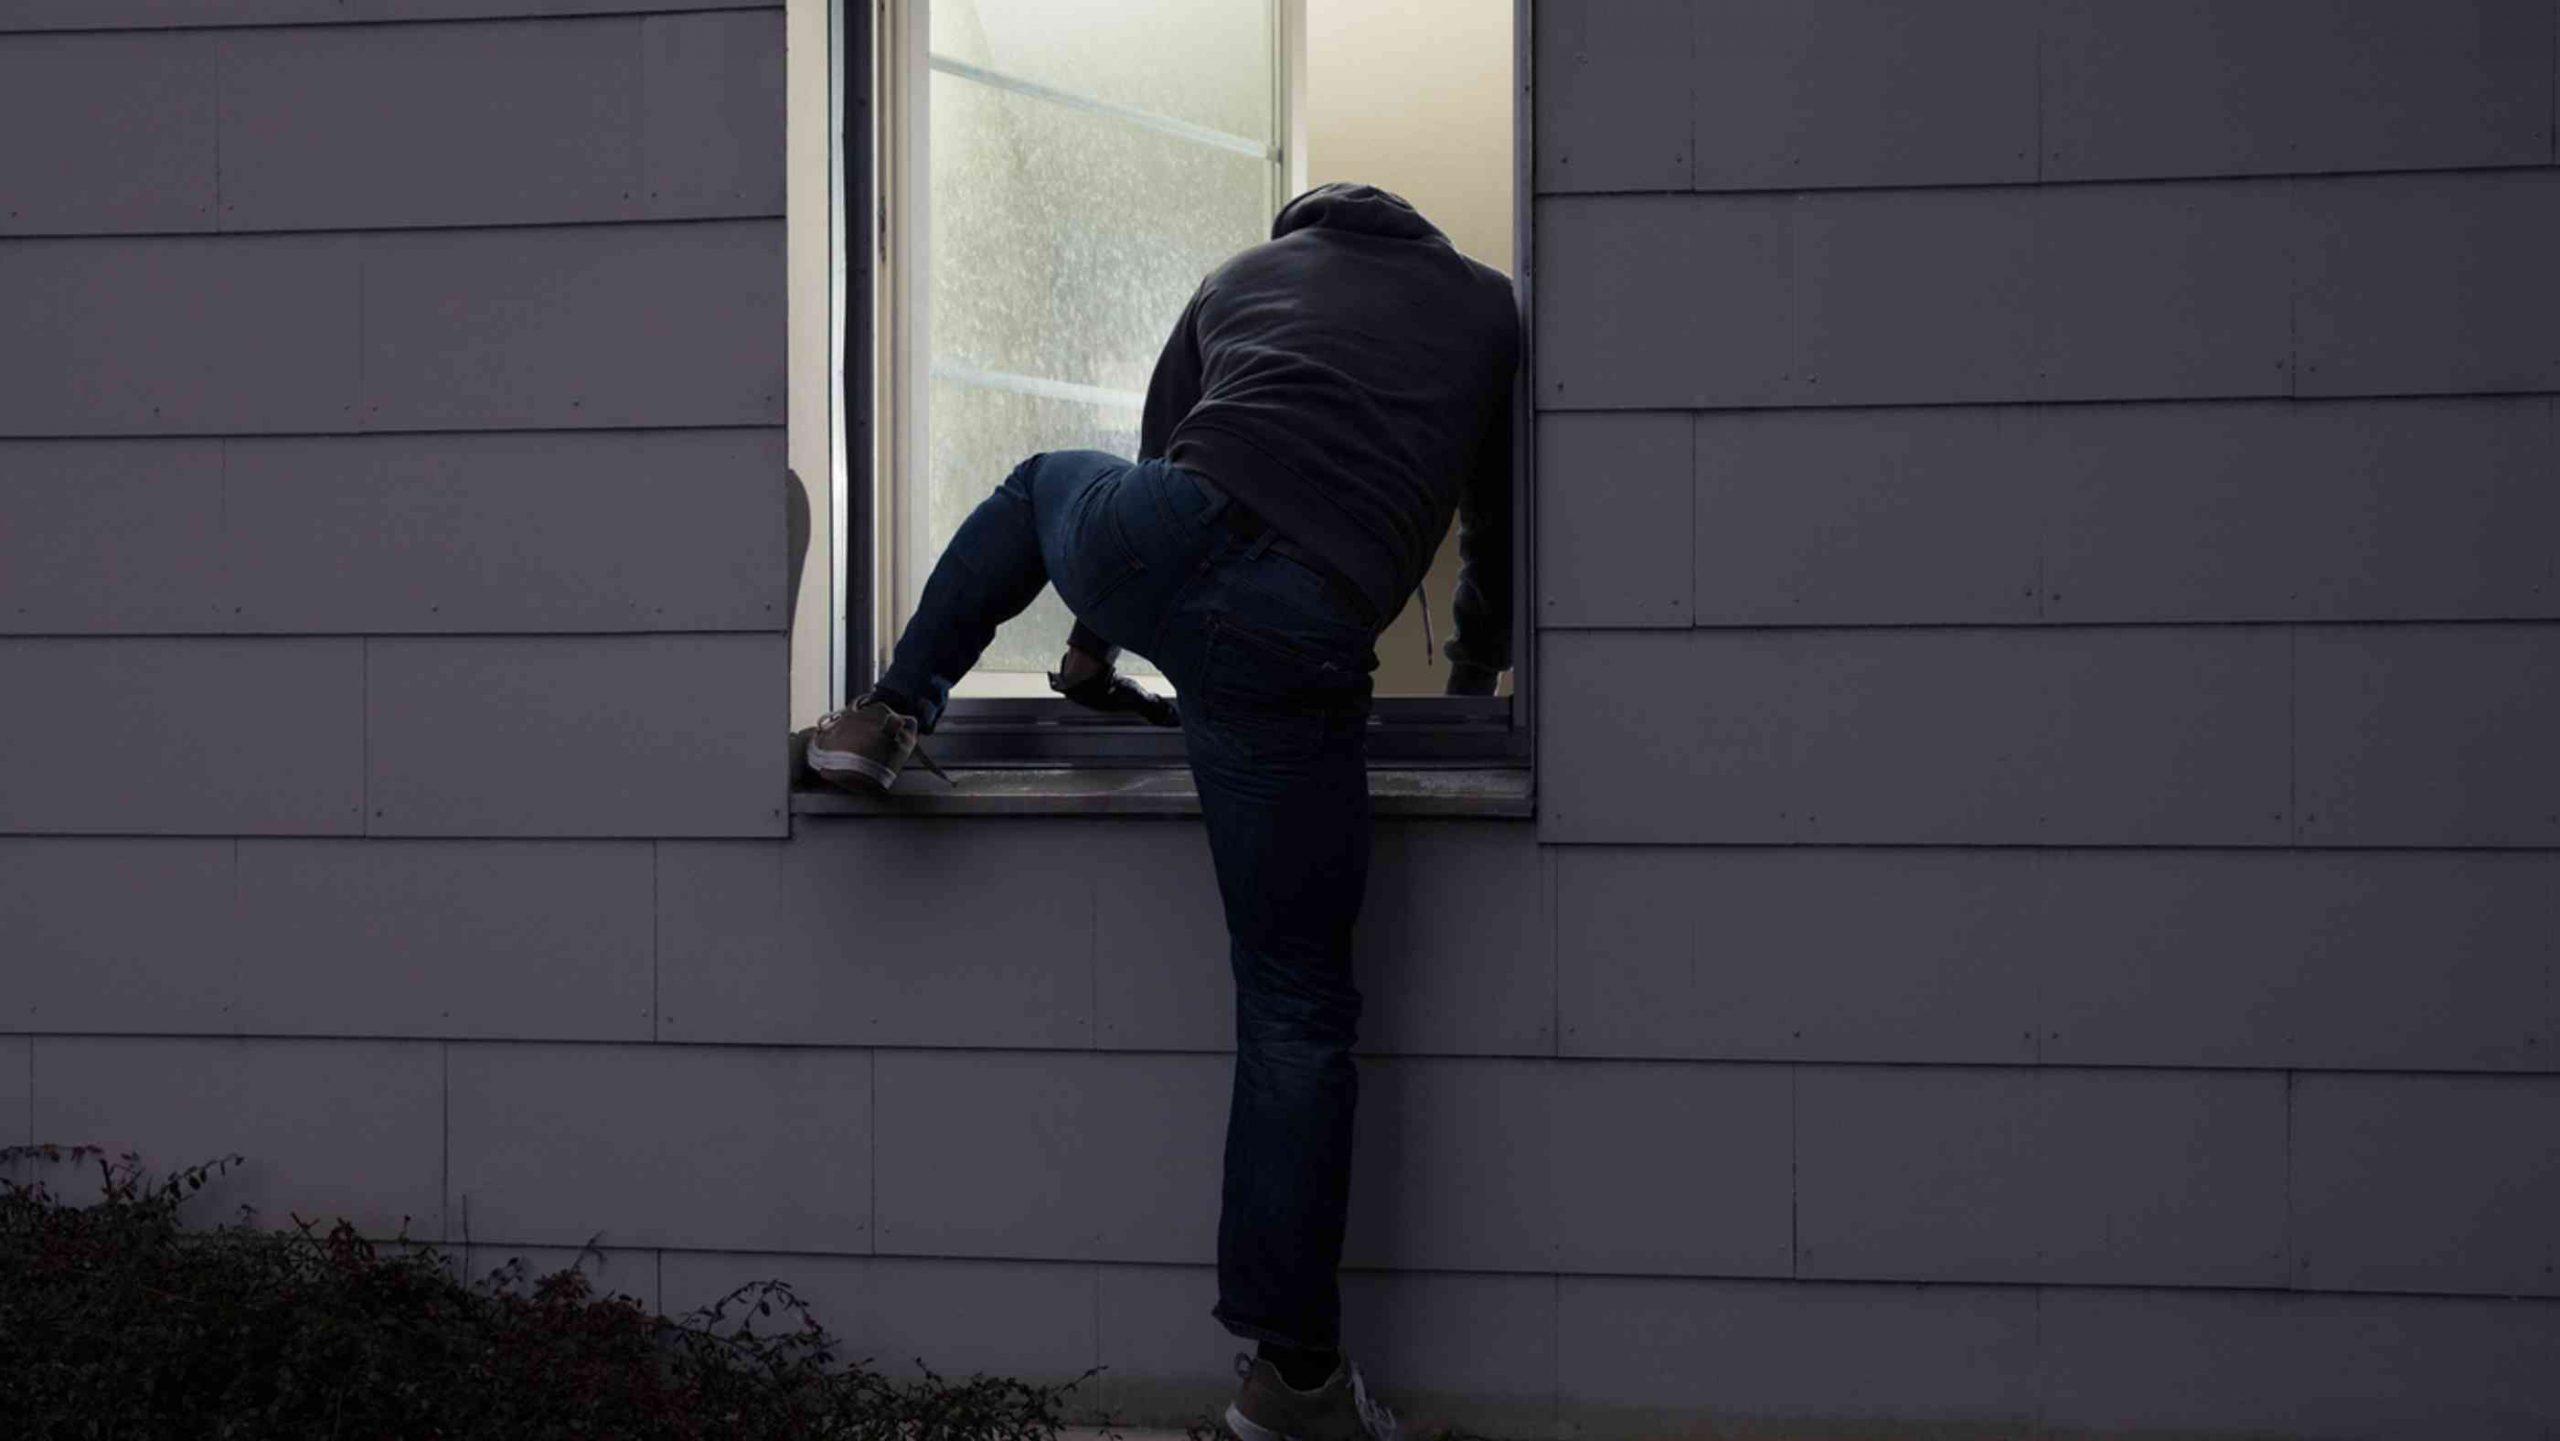 Full Size of Einbruchschutz Fenster Folie Fenstersicherung Wie Maximalen Bieten Einbruchschutzfolie Günstige Alarmanlage Velux Rollo Rolladen Zwangsbelüftung Nachrüsten Fenster Einbruchschutz Fenster Folie